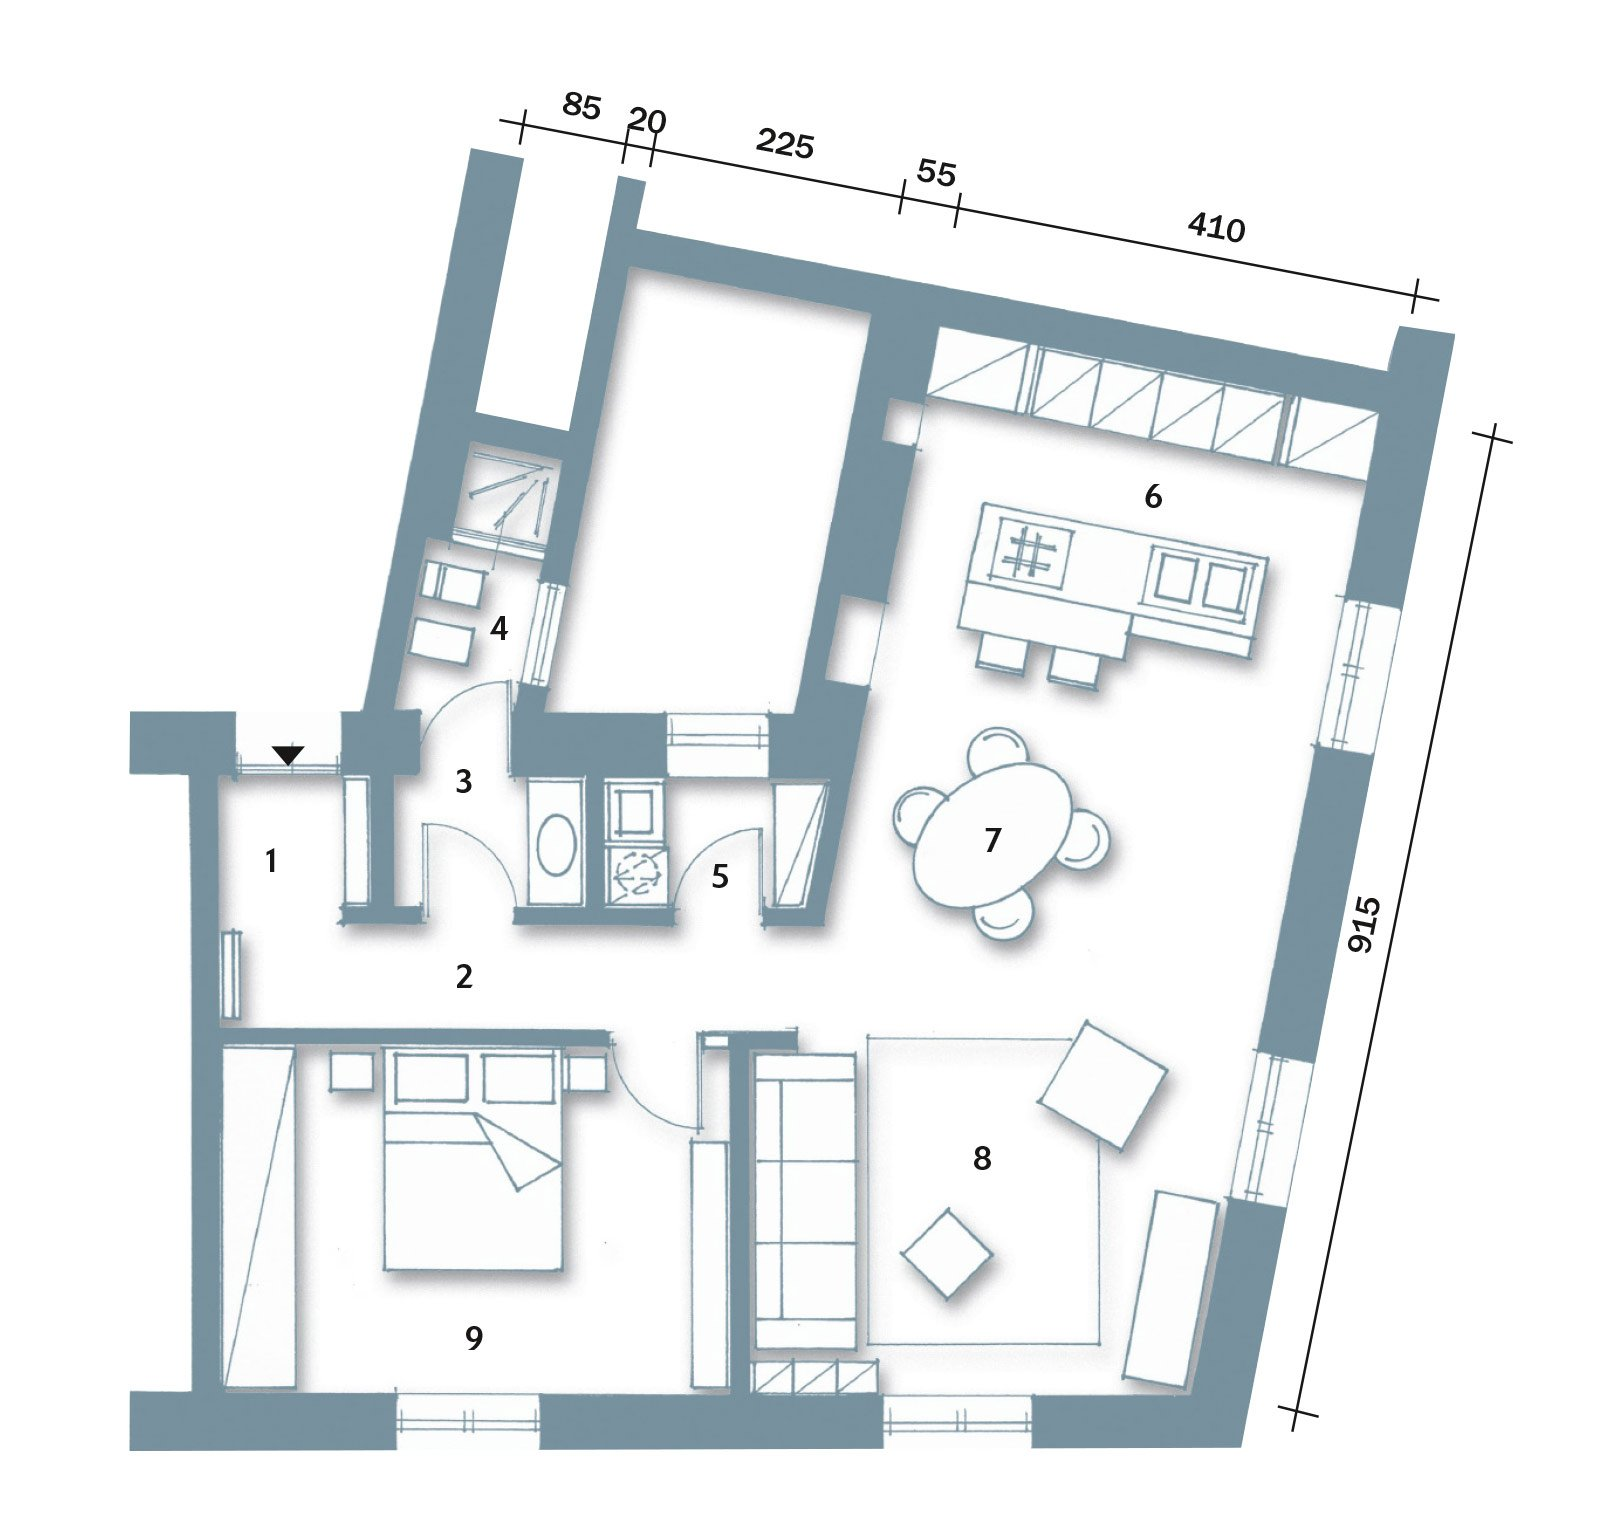 Divano Isola Dwg: Dimensioni Minime Bagno Disabili Dwg Arredamento  #556676 1600 1533 Virtual Planner Cucina Mondo Convenienza